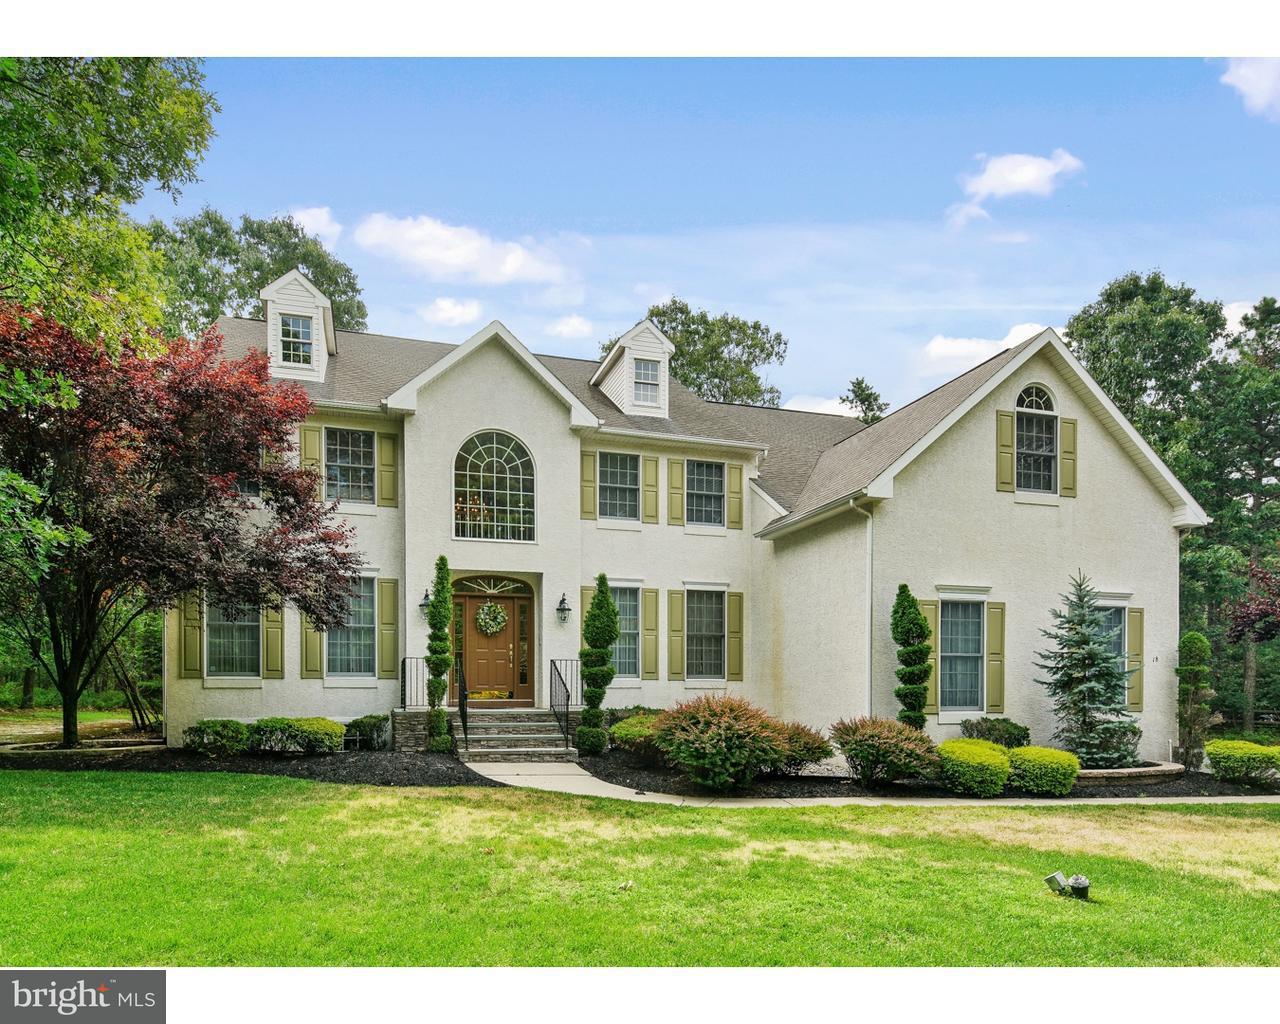 Частный односемейный дом для того Продажа на 18 MAGNOLIA Court Medford, Нью-Джерси 08055 Соединенные Штаты